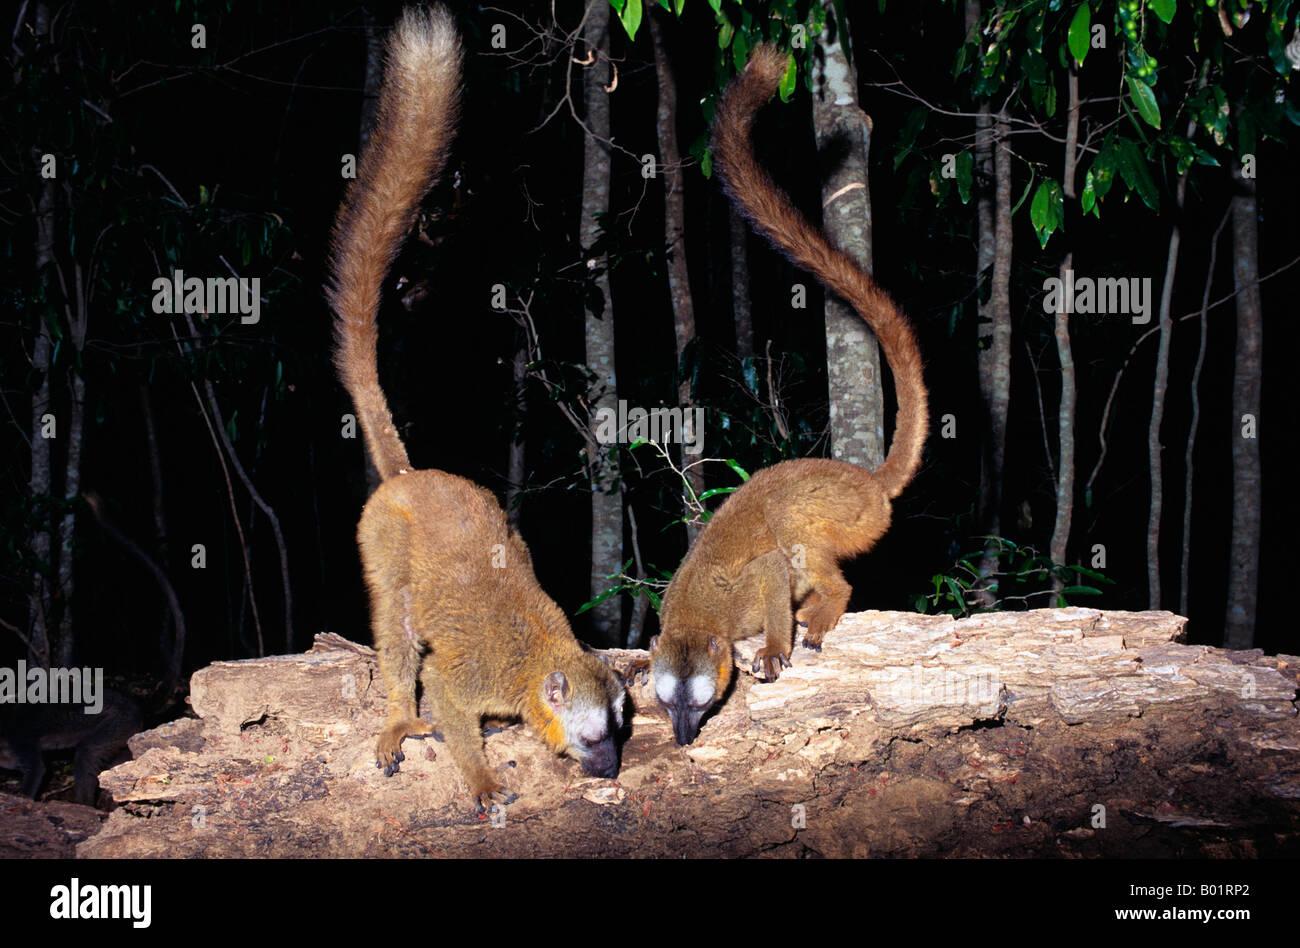 Maki roux Eulemur Rufus lemure marrone del Madagascar sud Africa African BROWN Eulemur Eulemur Lemuridae Madagasc Immagini Stock